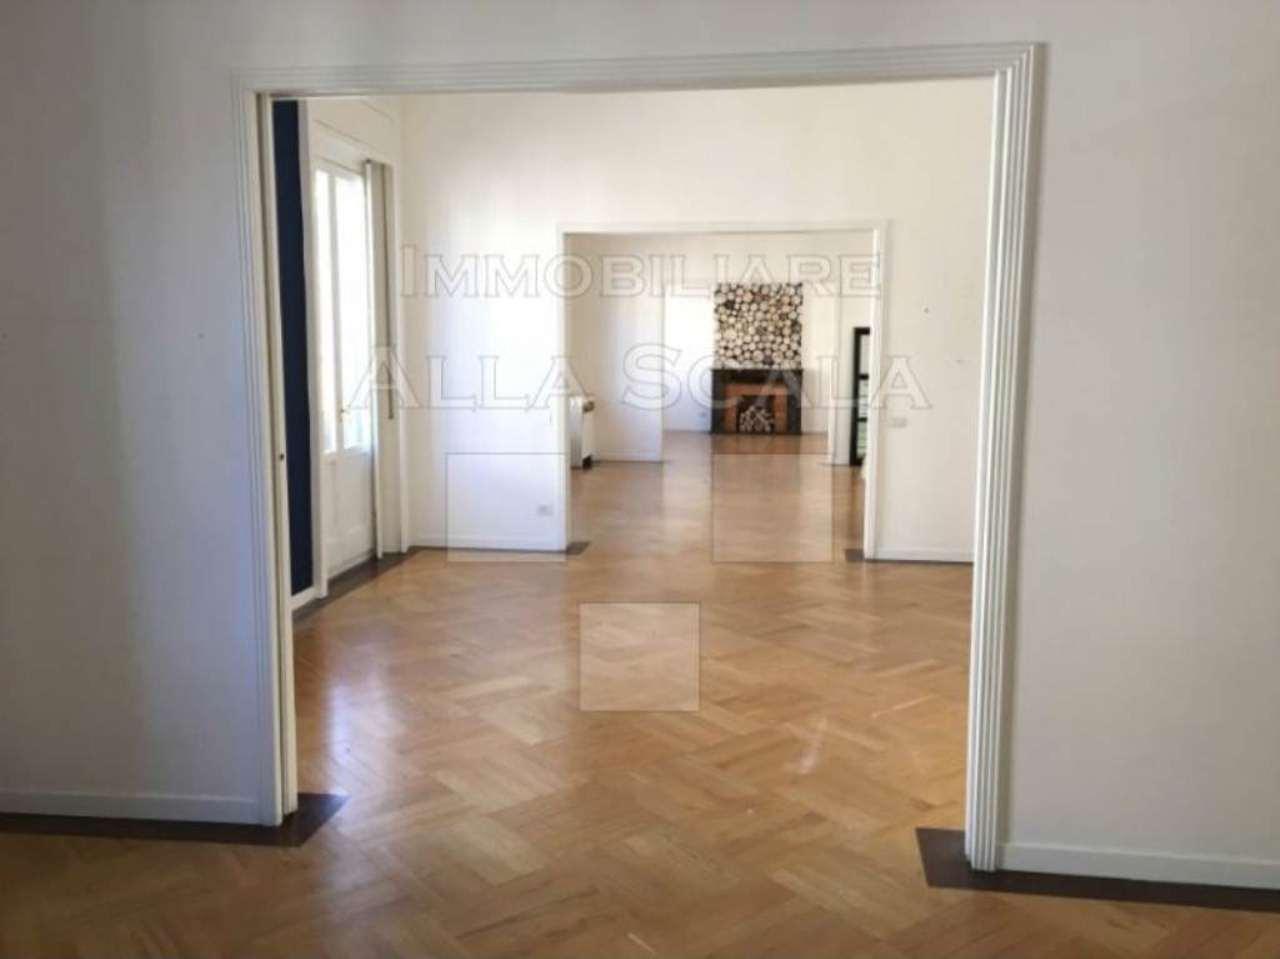 Ufficio / Studio in affitto a Milano, 8 locali, zona Zona: 1 . Centro Storico, Duomo, Brera, Cadorna, Cattolica, prezzo € 5.833 | CambioCasa.it